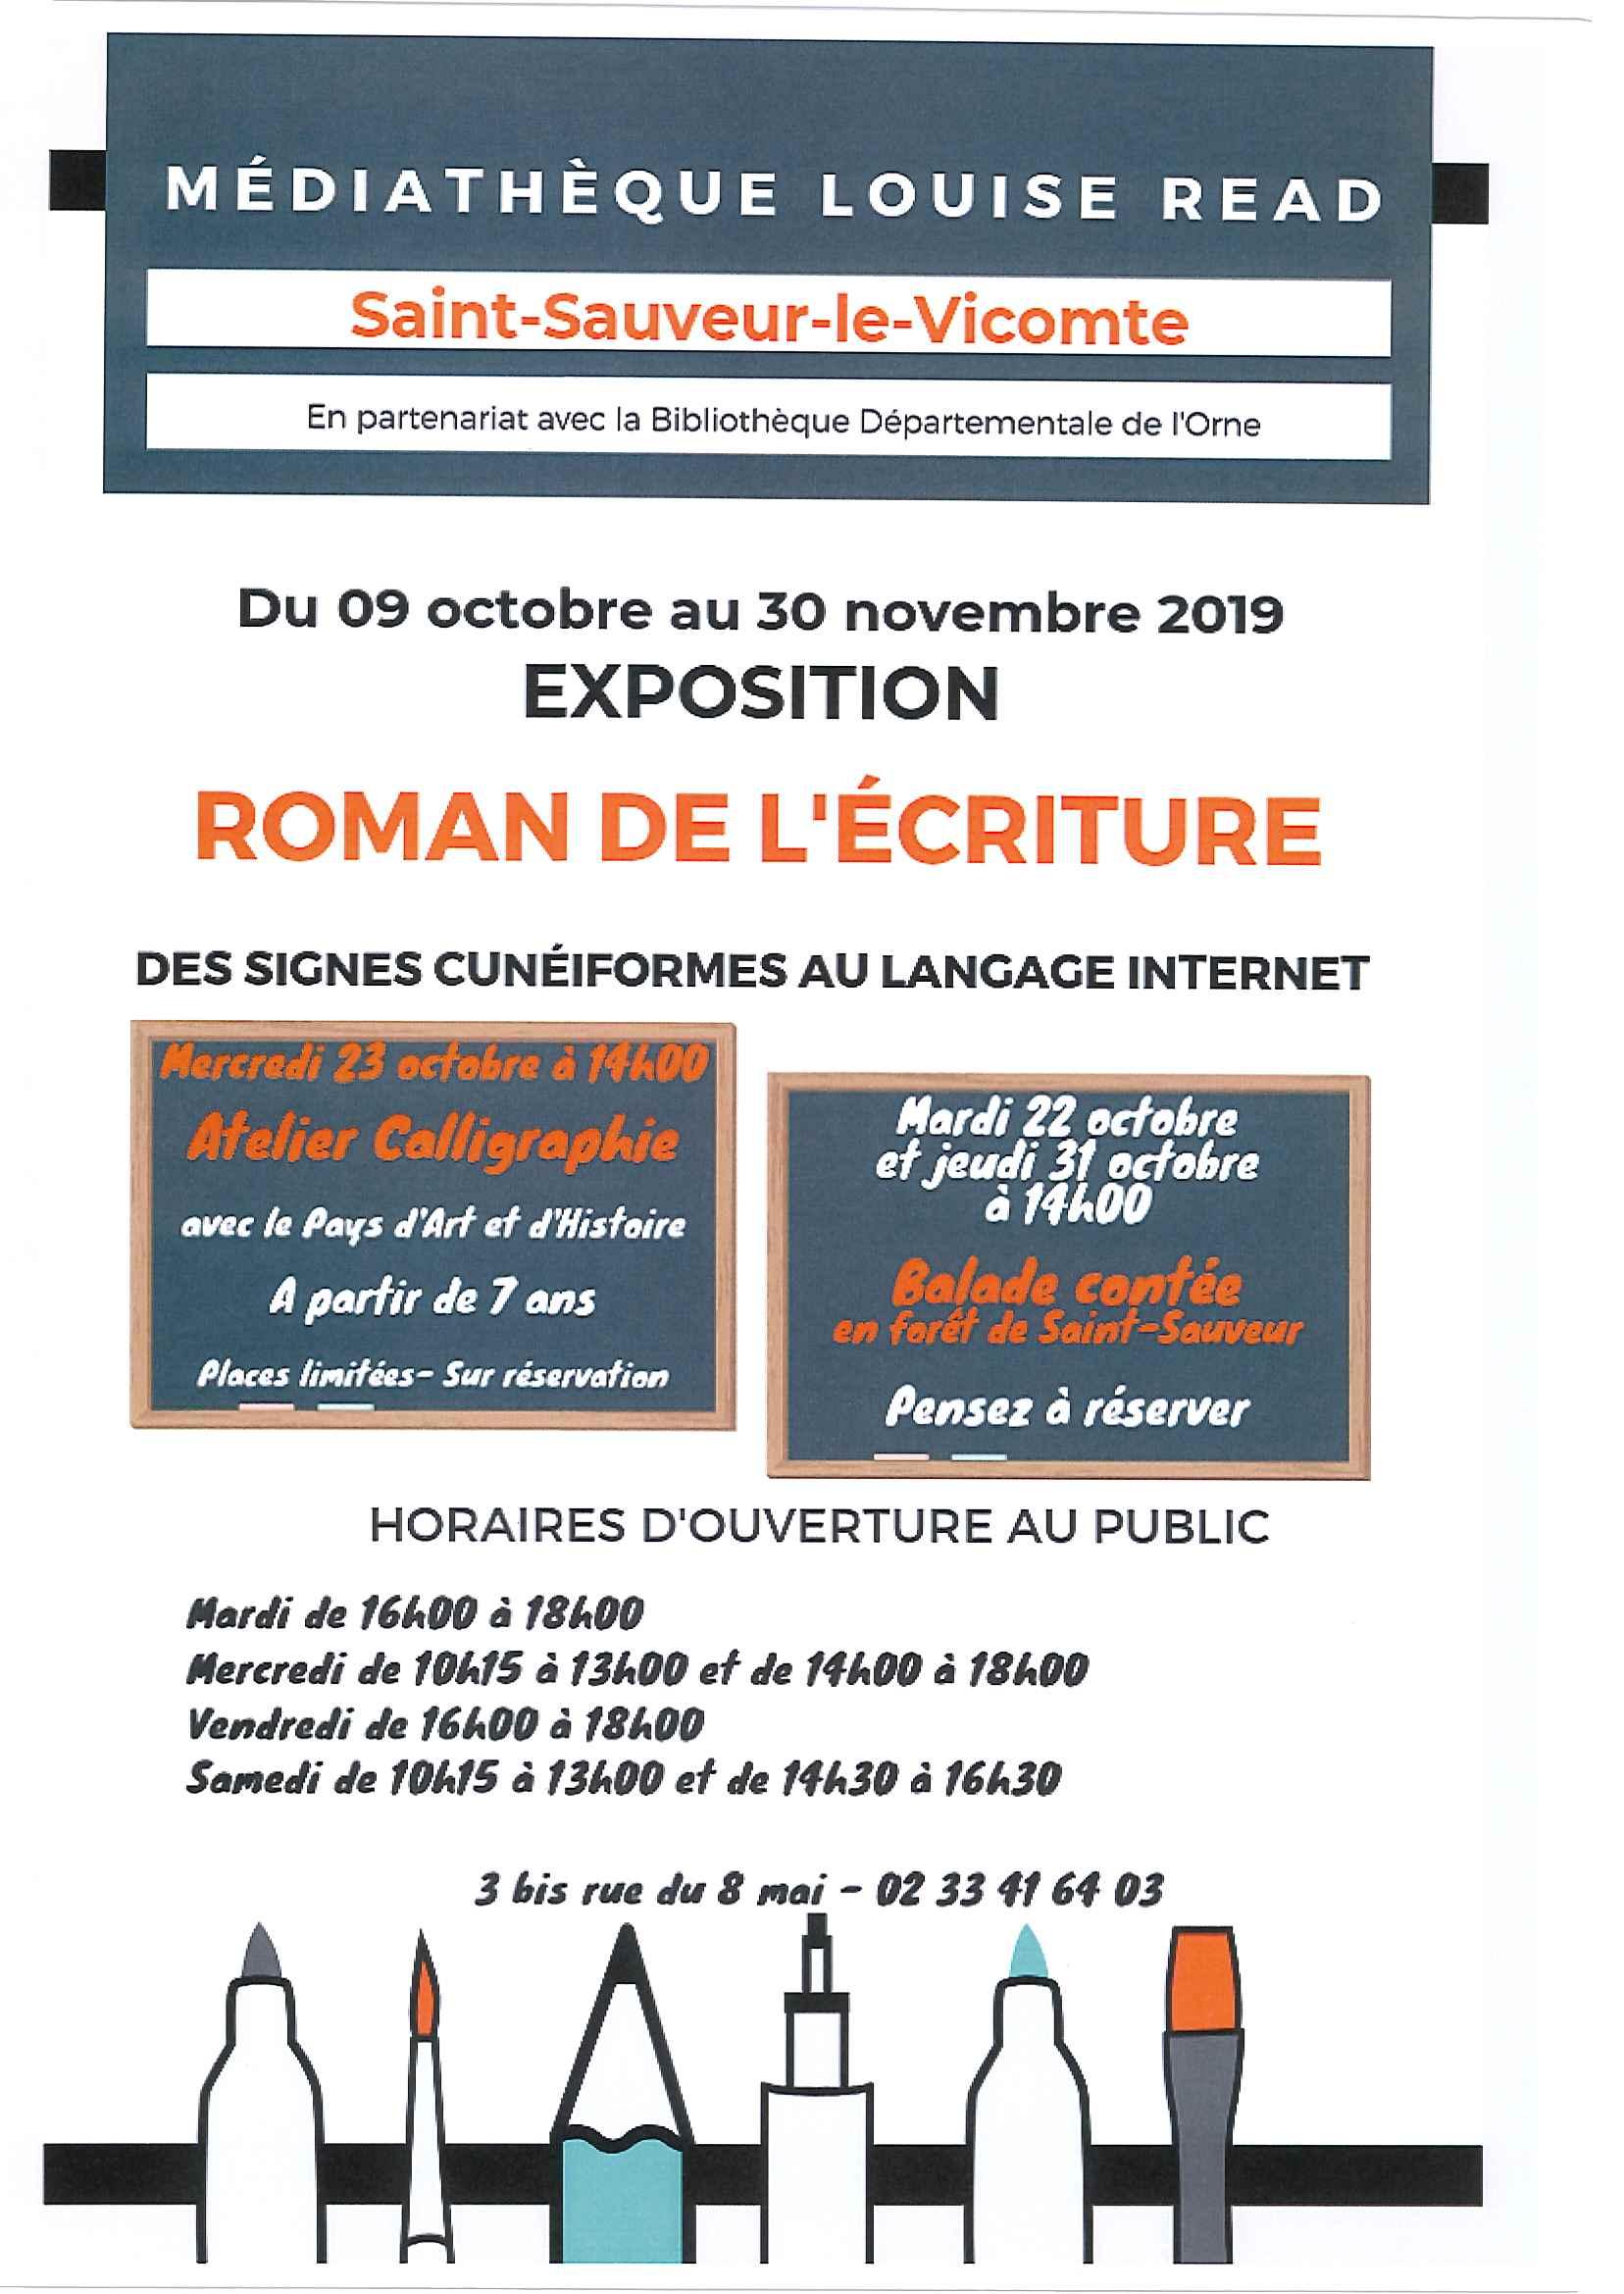 Exposition ROMAN DE L'ECRITURE